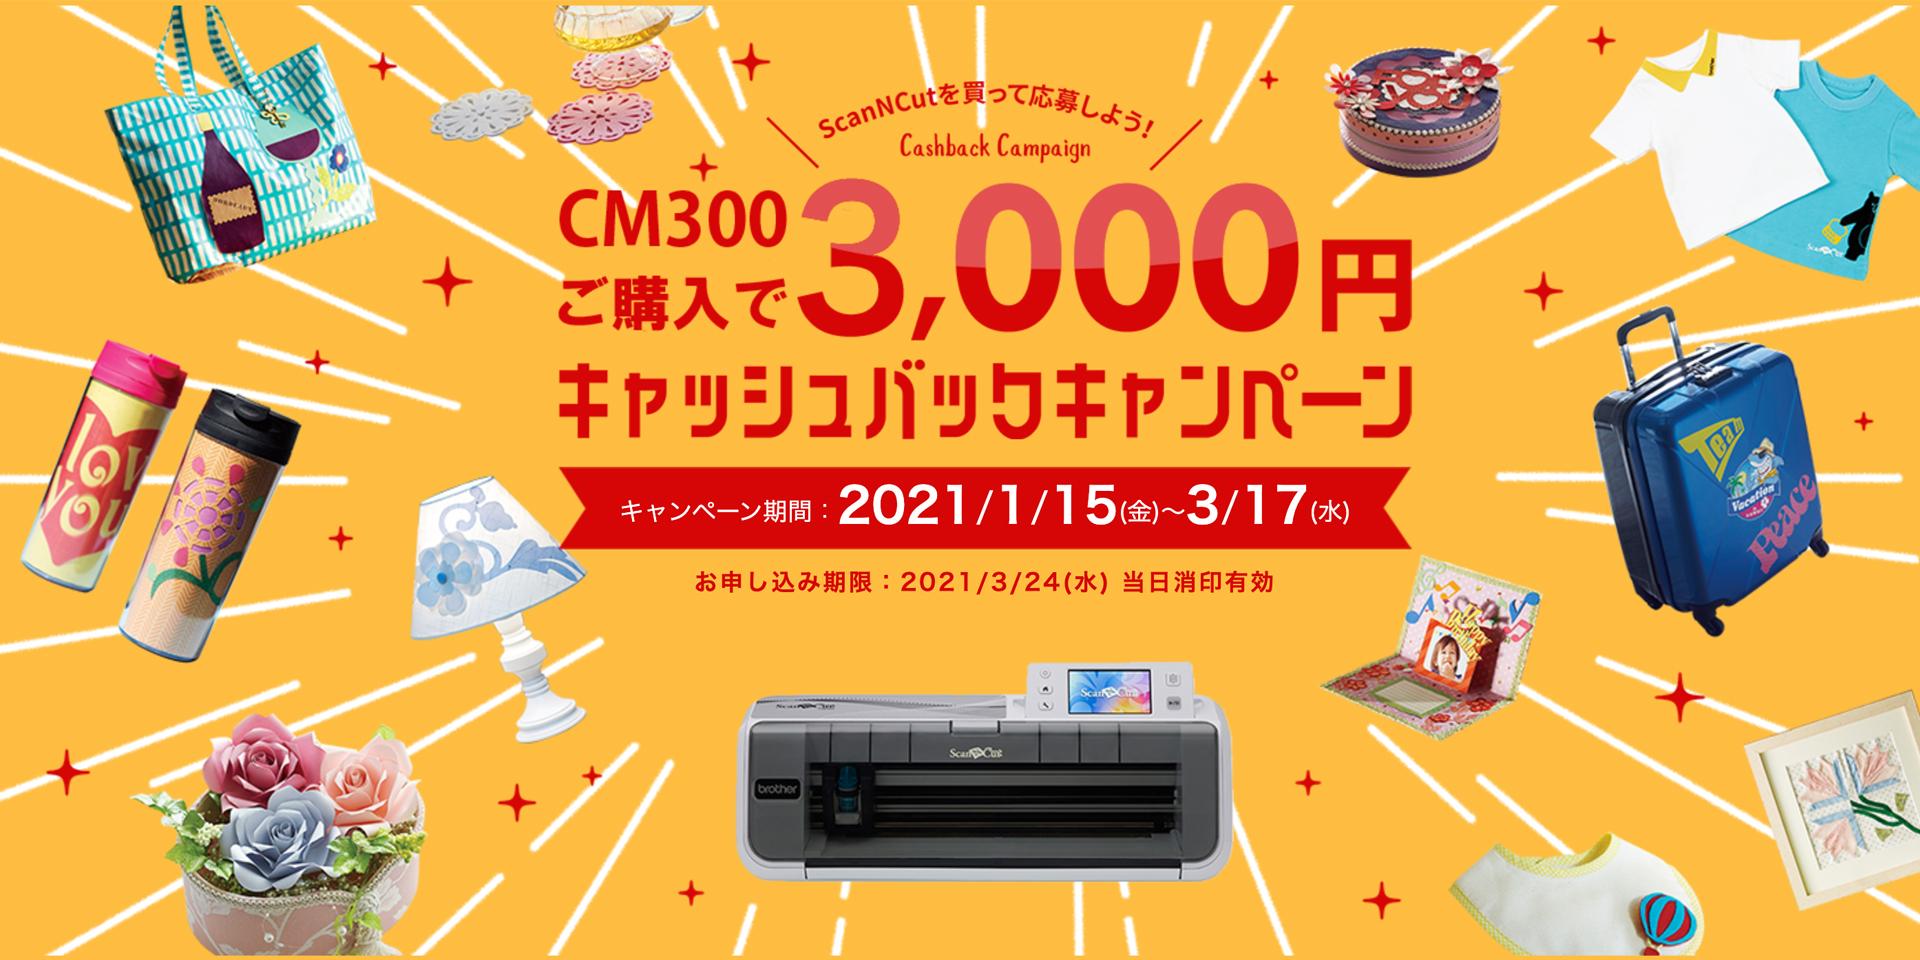 2101-cm300cb.jpg